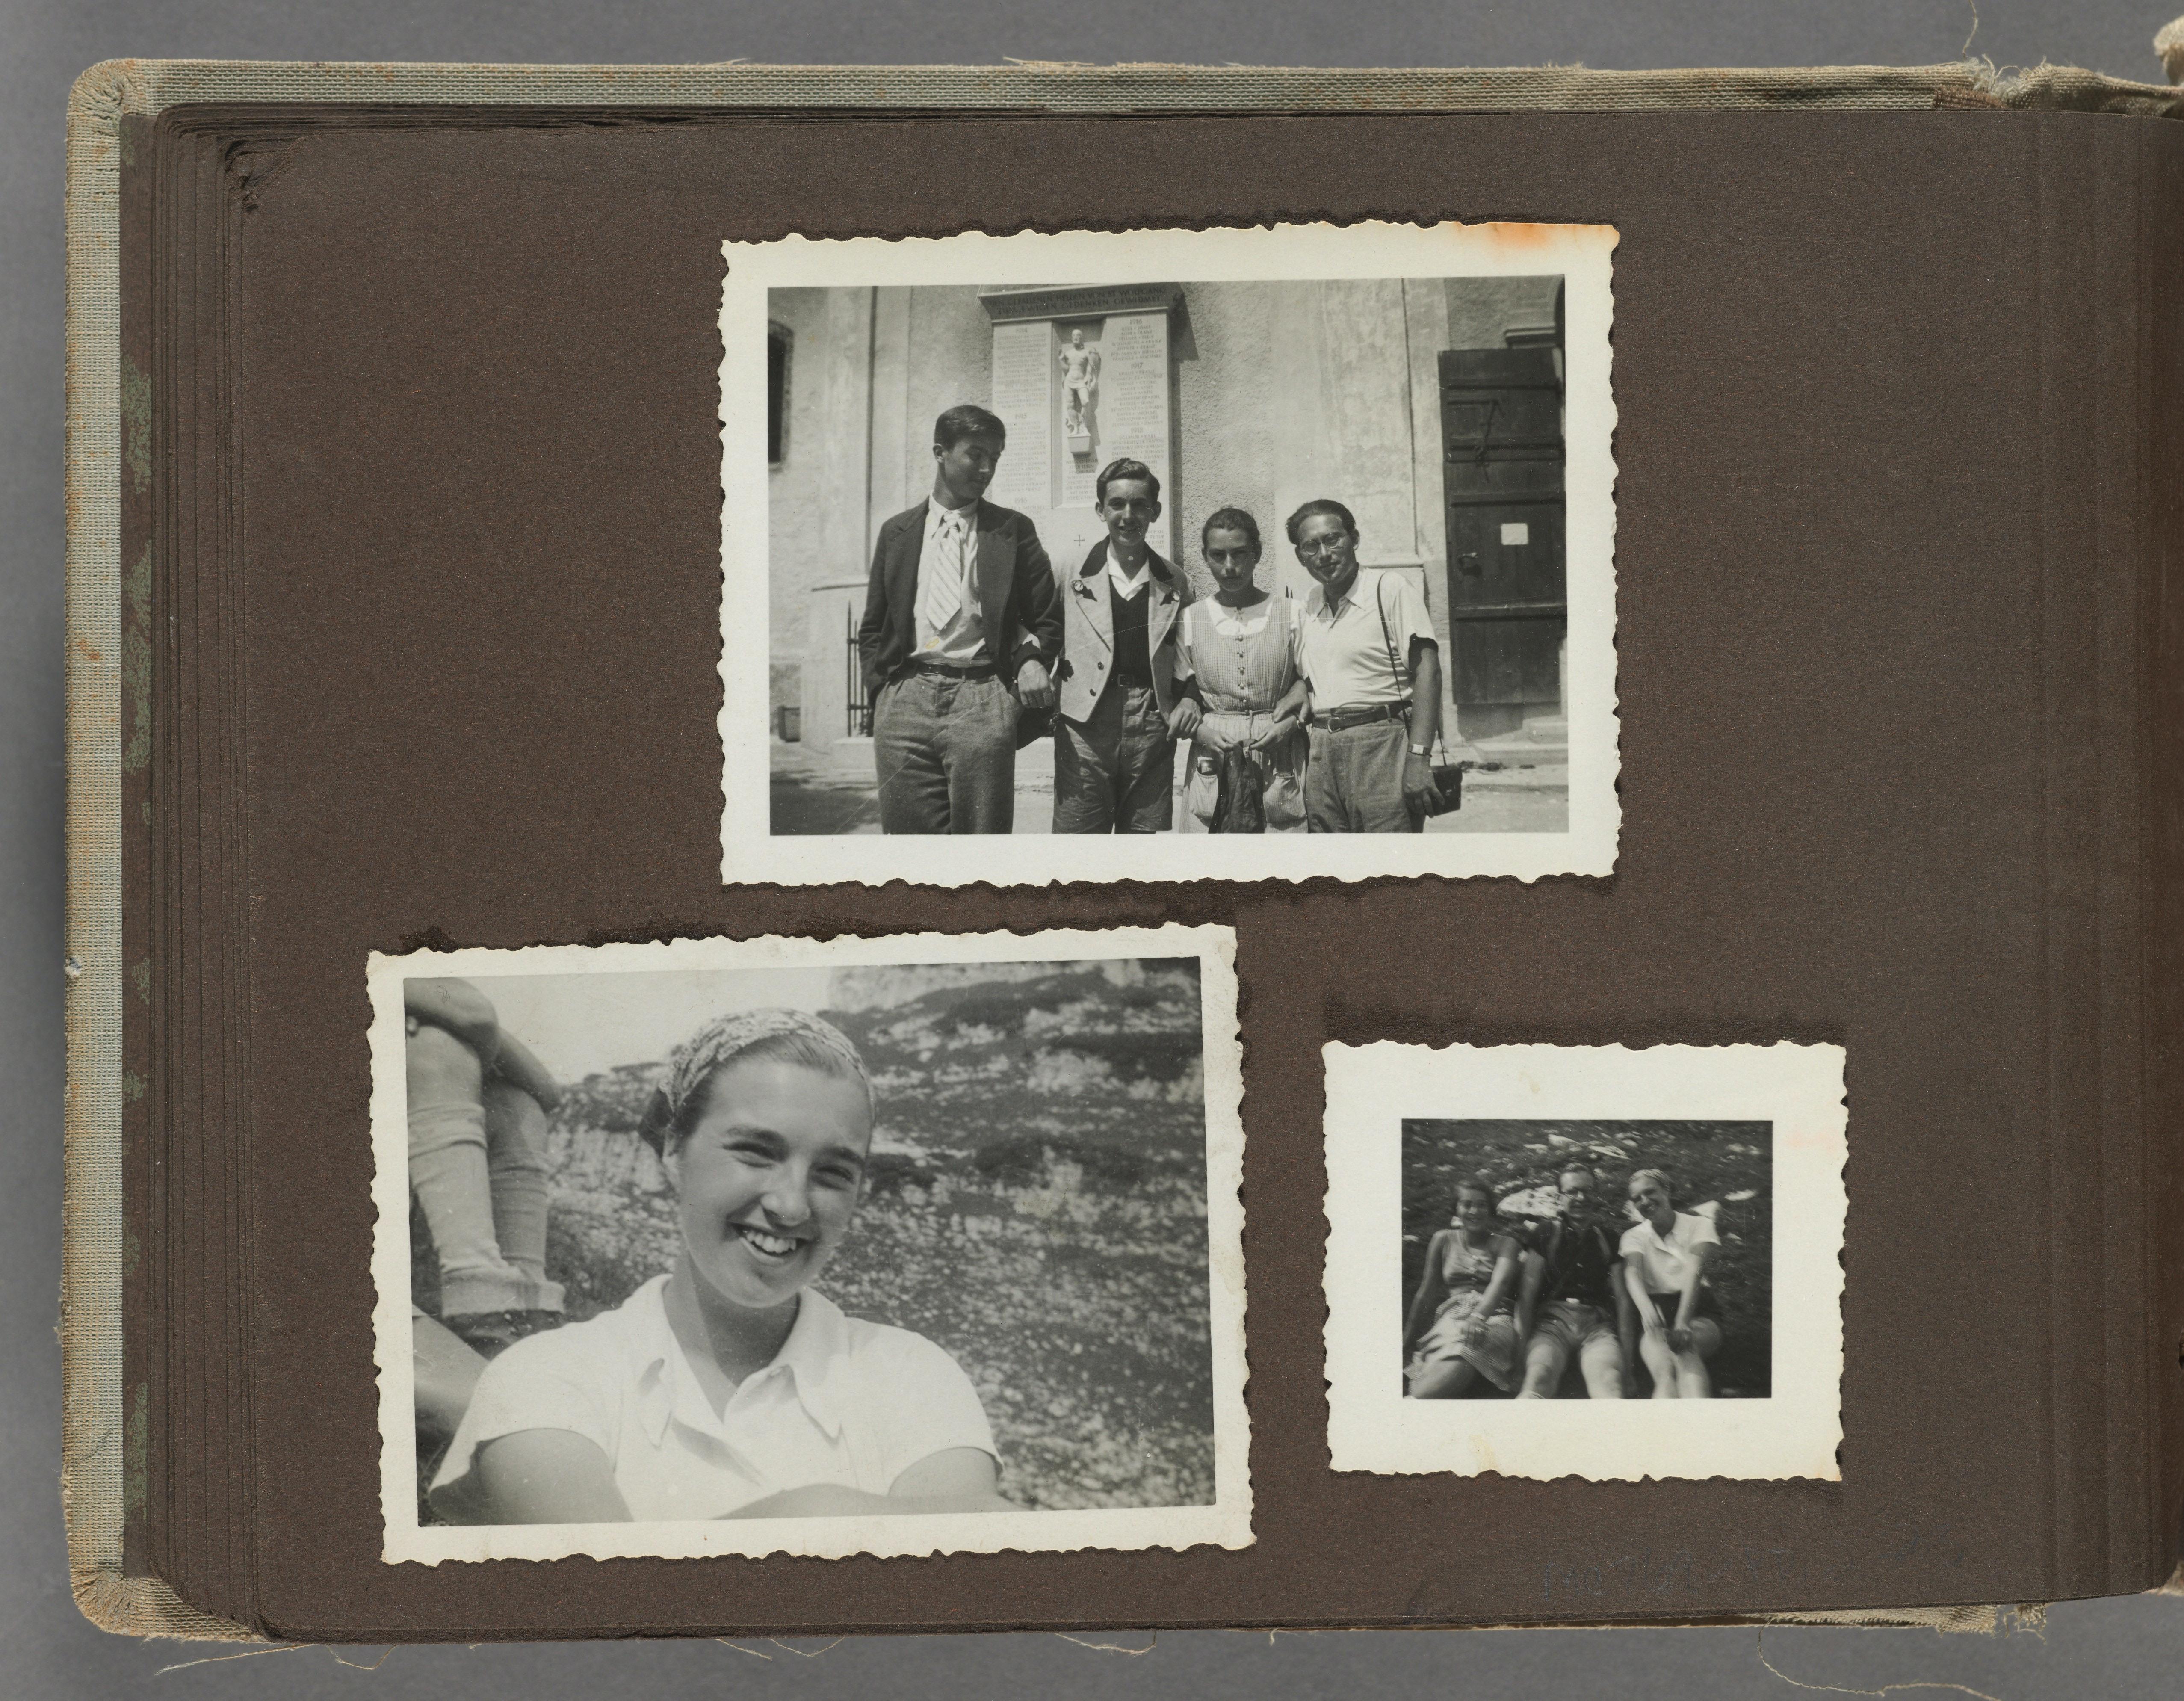 Gerda Lerna photo album of 3 pictures shown in Austria, 1933-1935